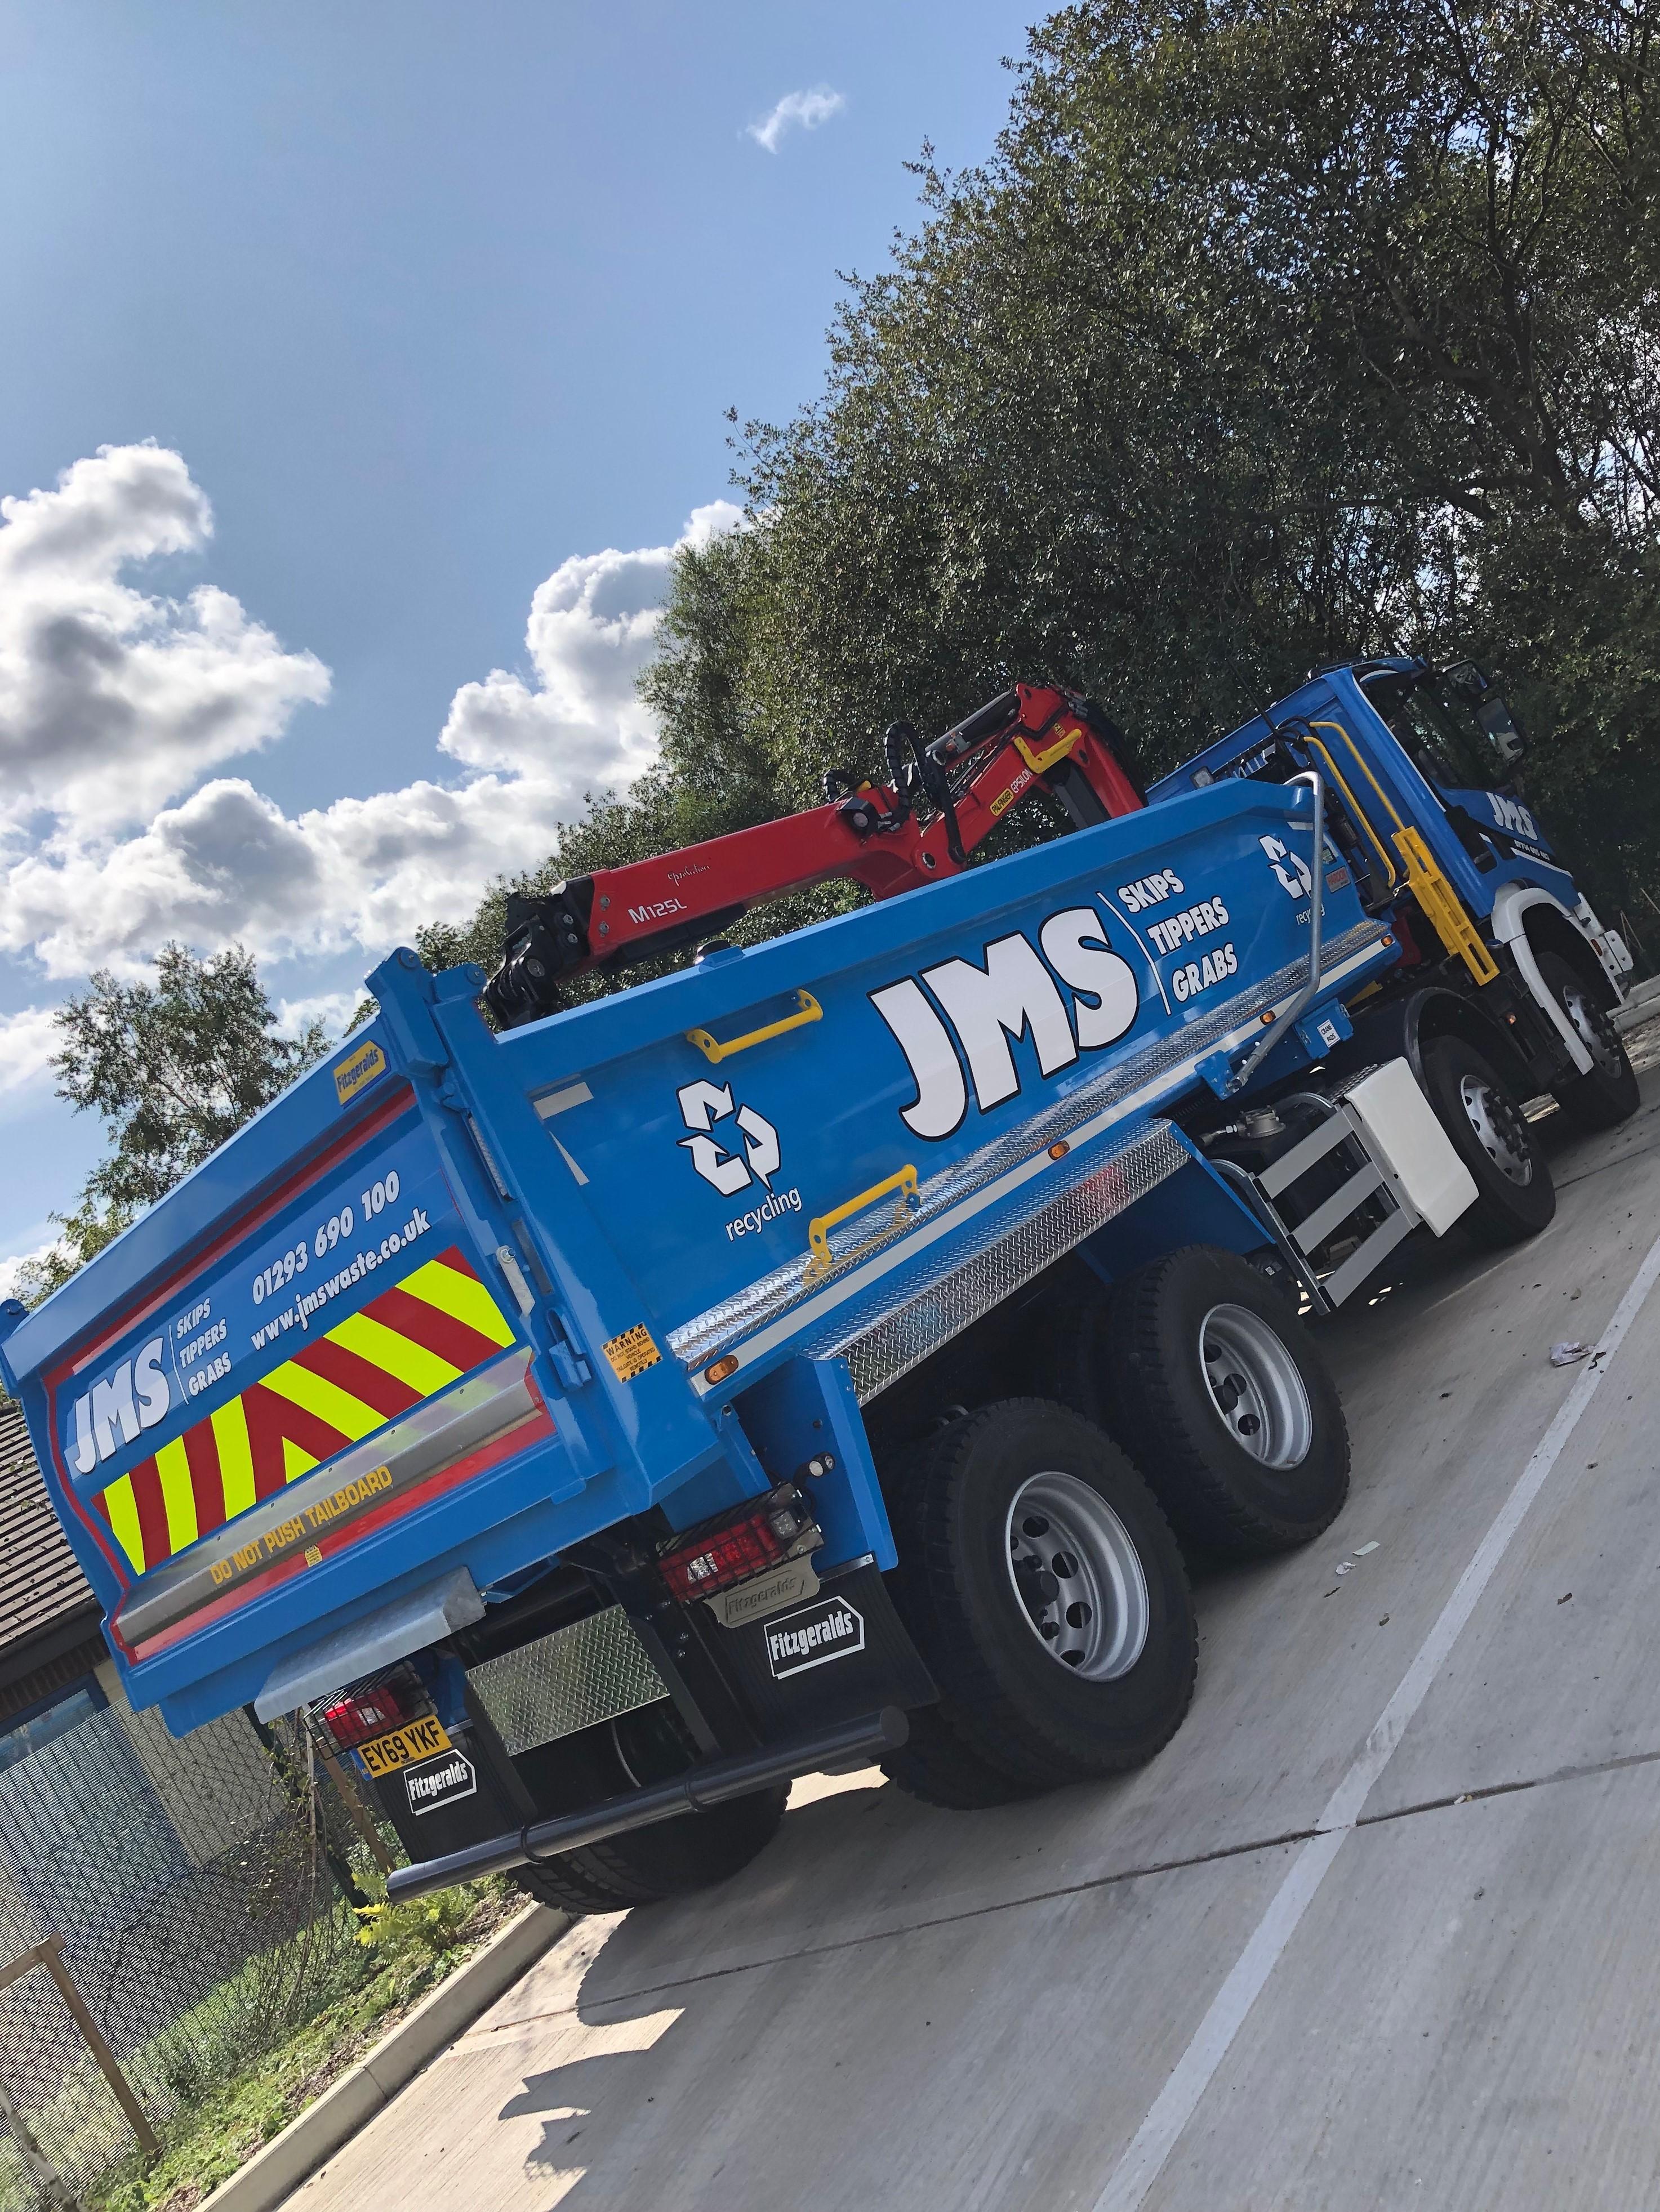 JMS WASTE